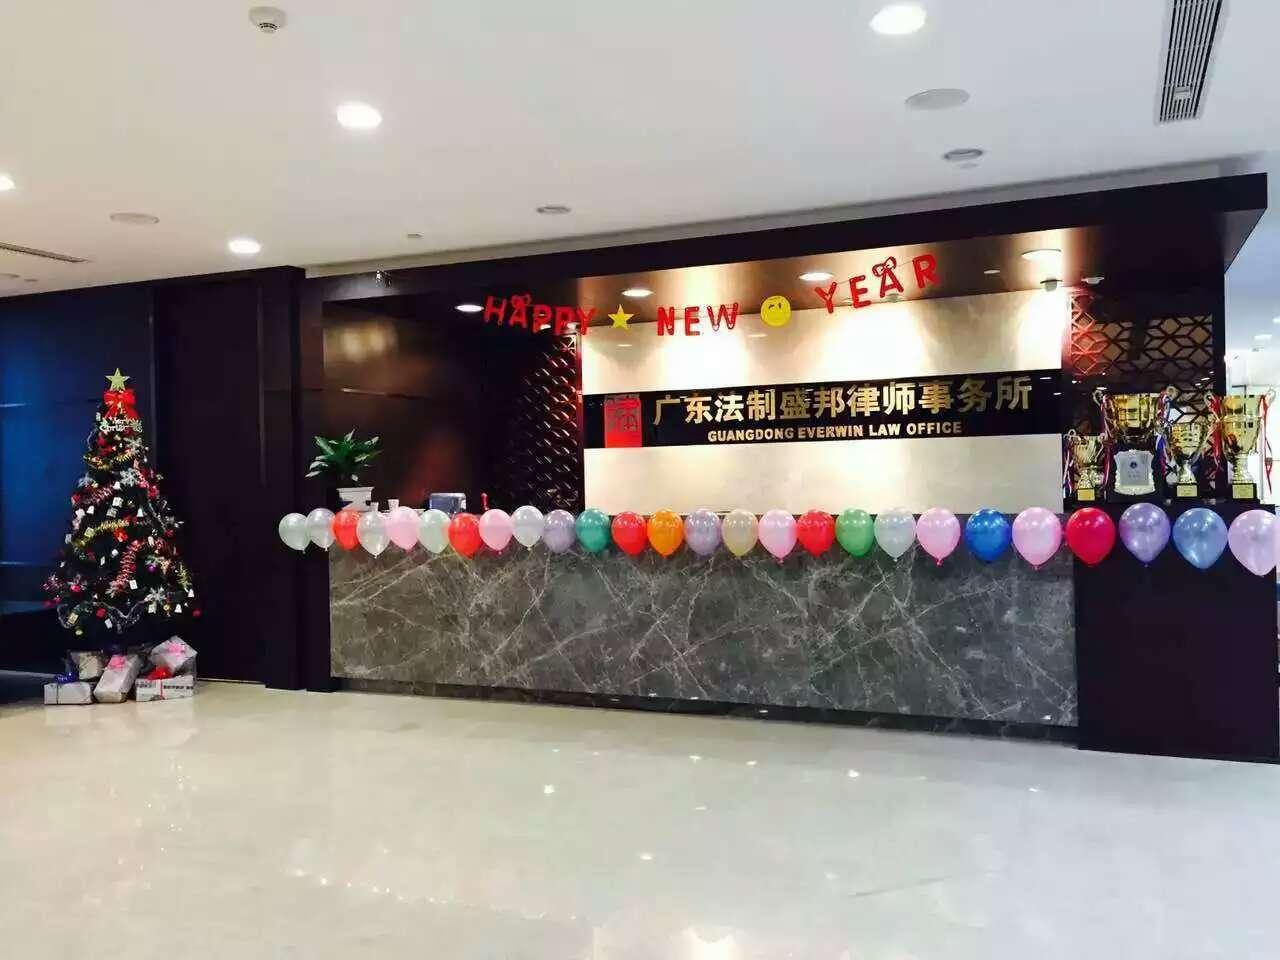 李律师办公室节日庆典